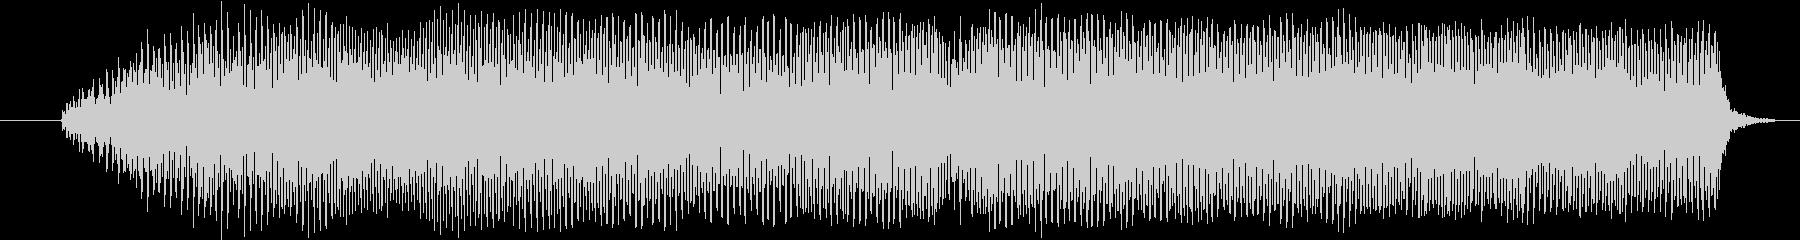 「あああああ」カルグラ発声の未再生の波形